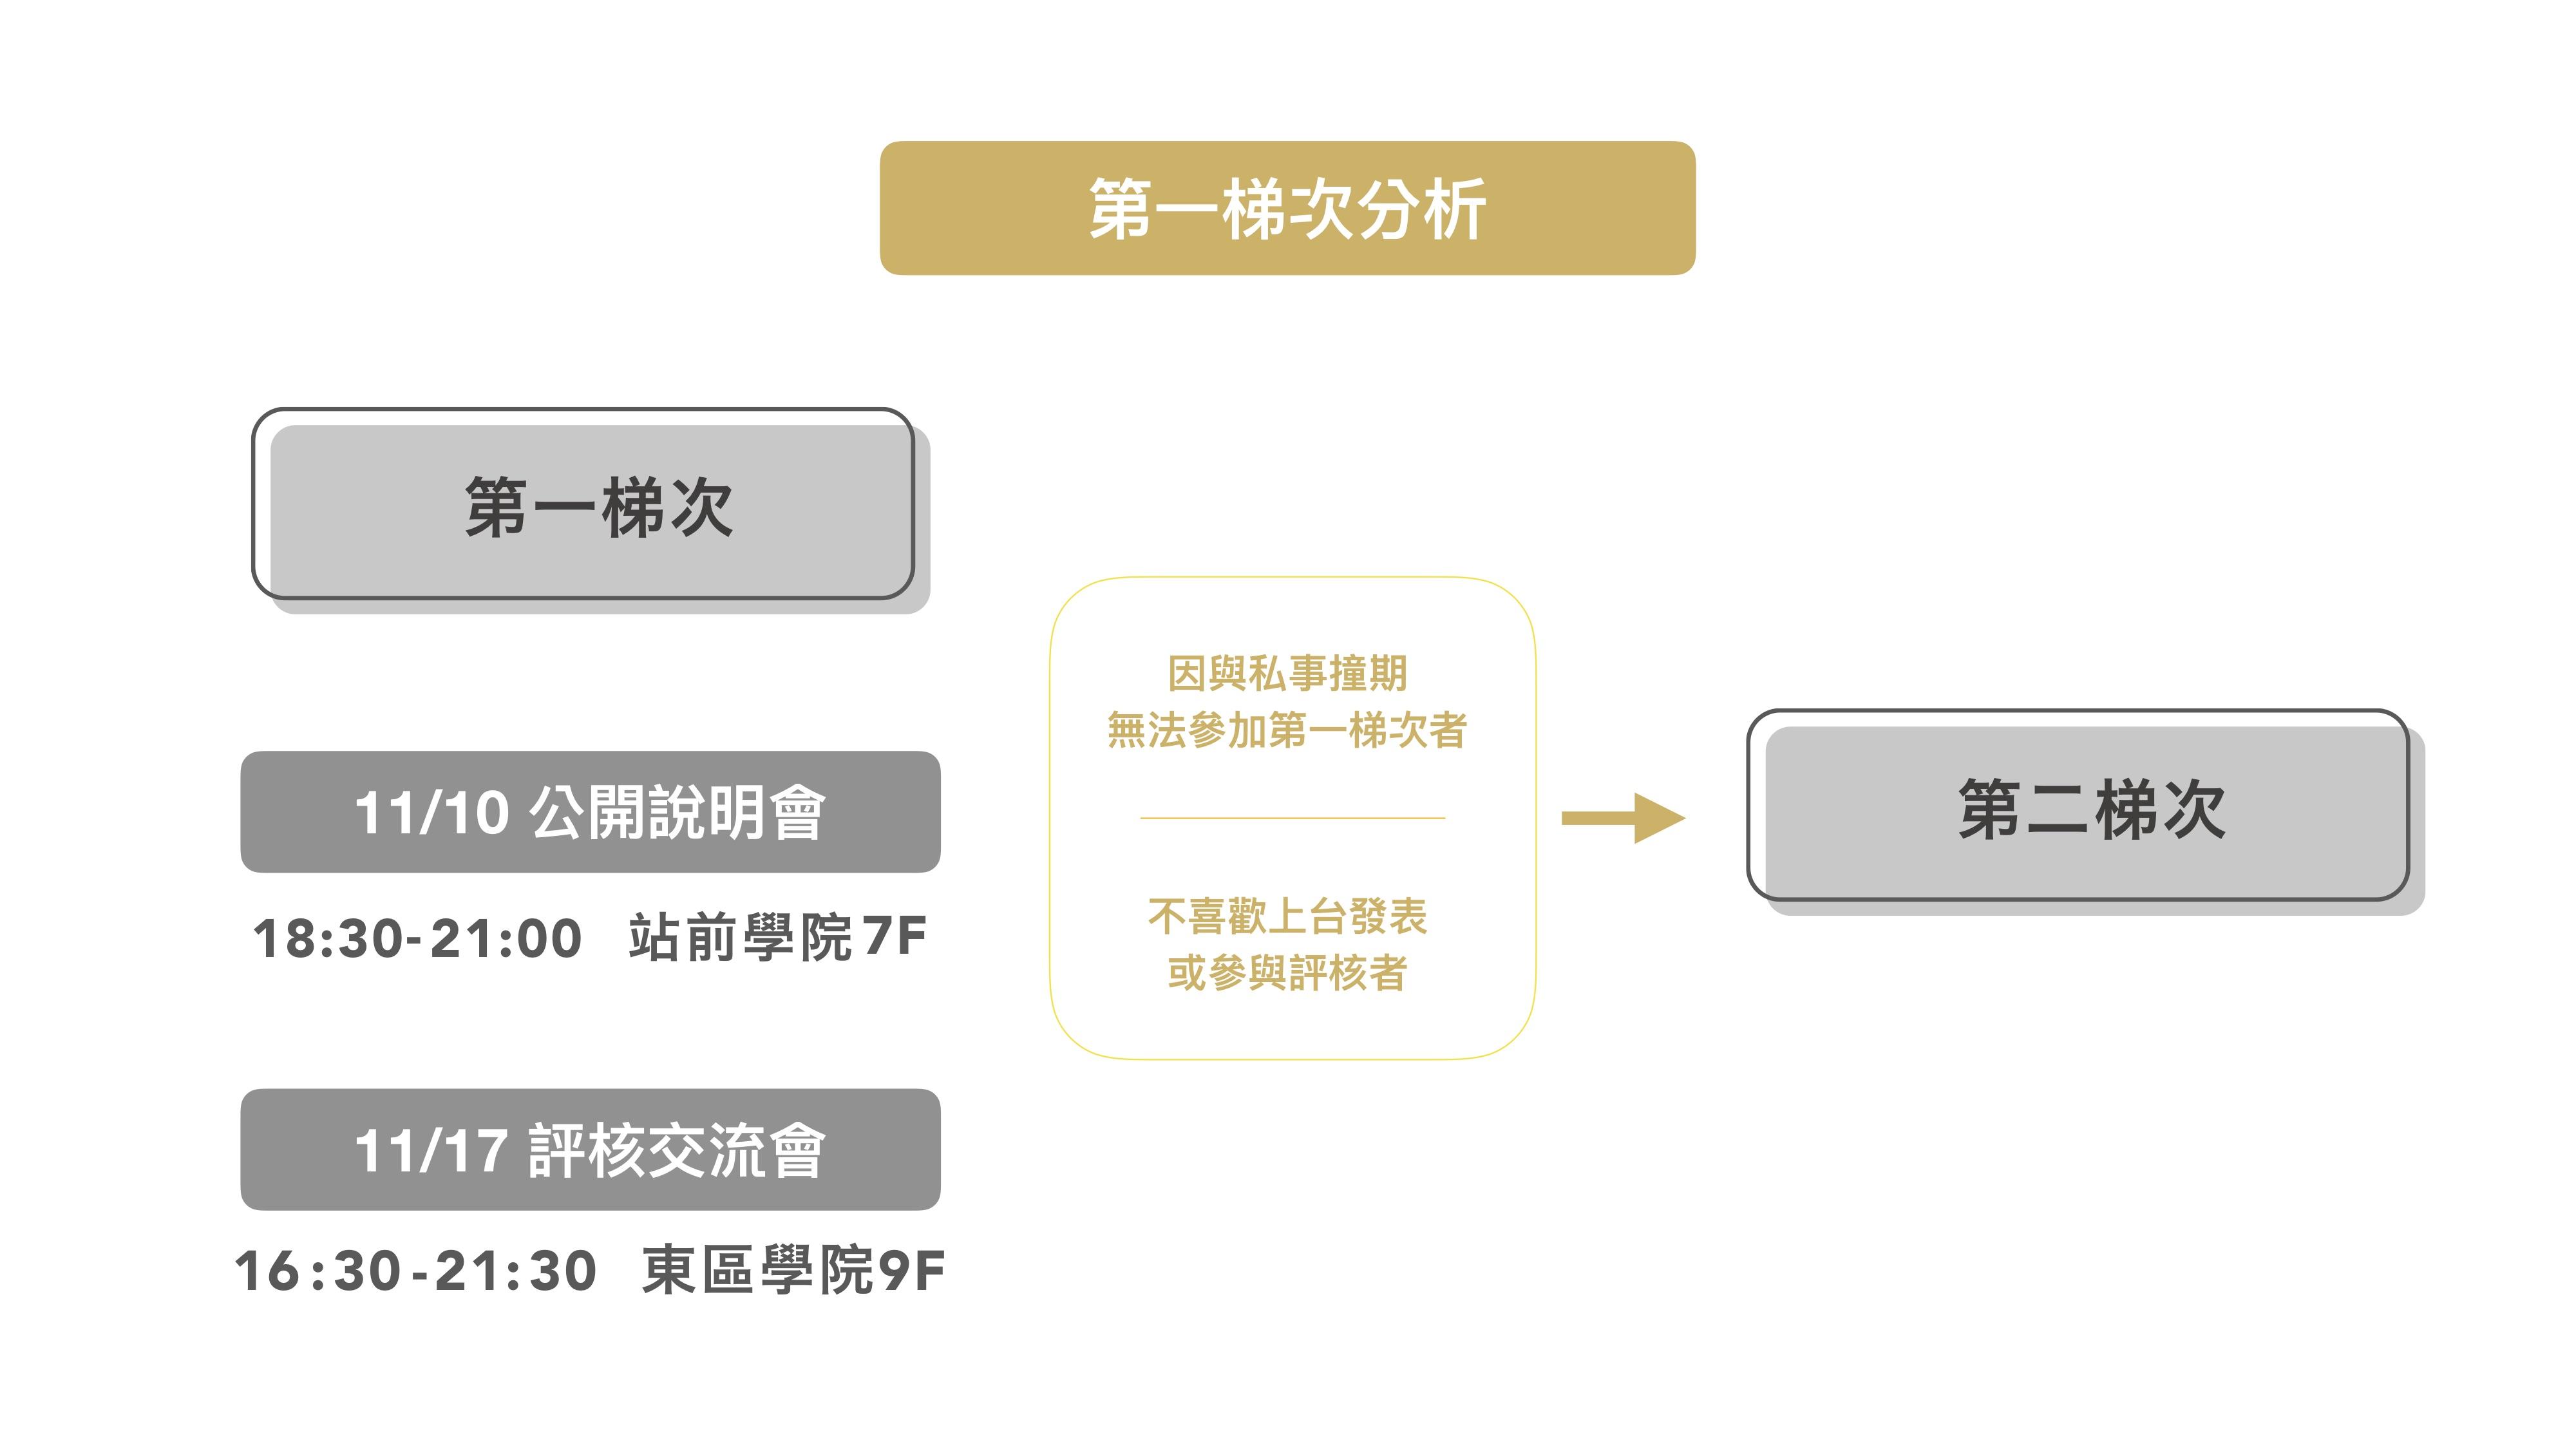 2020 接案新制交流會官網內容2